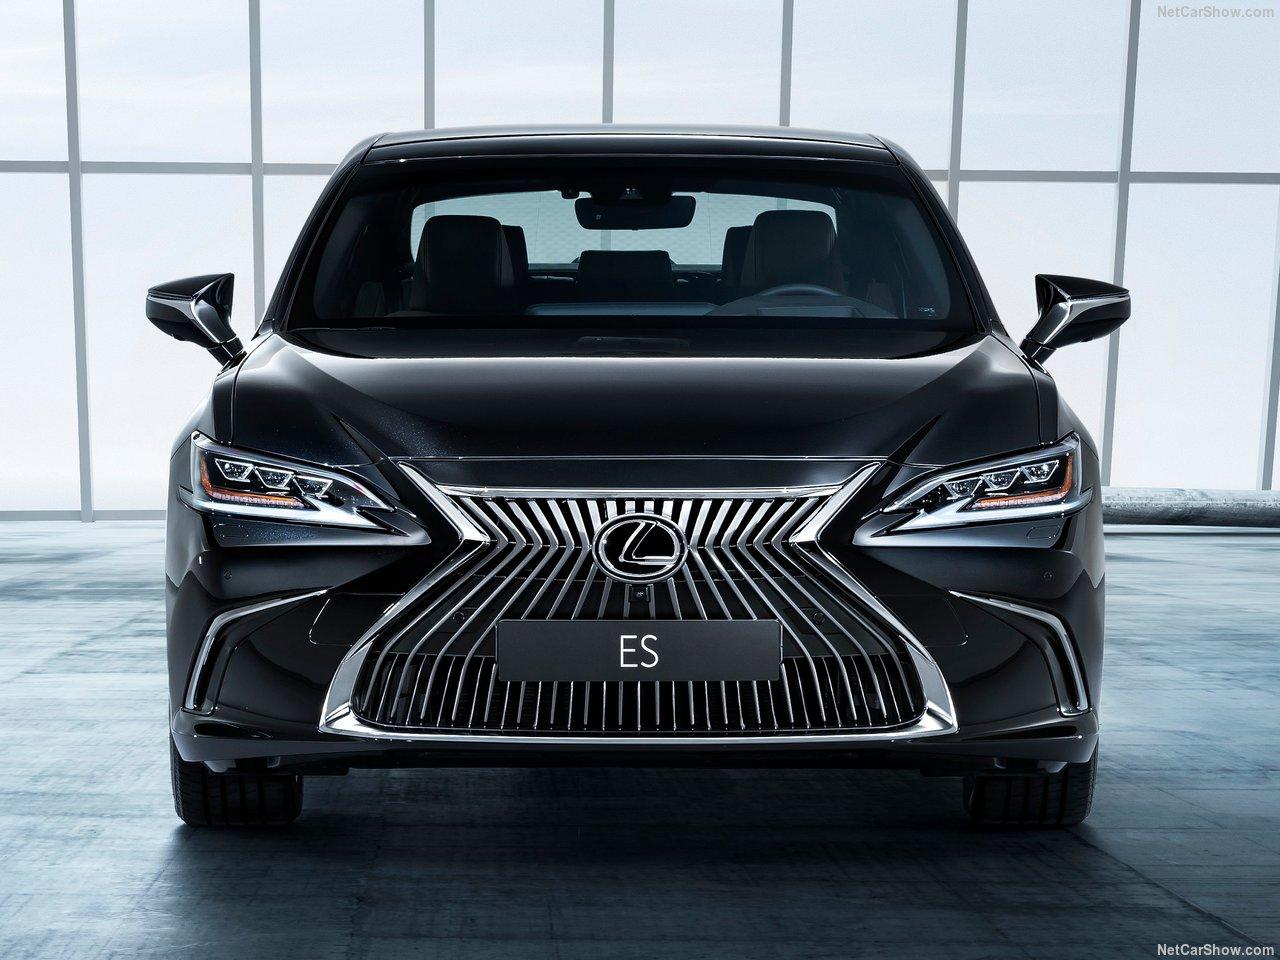 Lexus-ES-2019-1280-1b.jpg